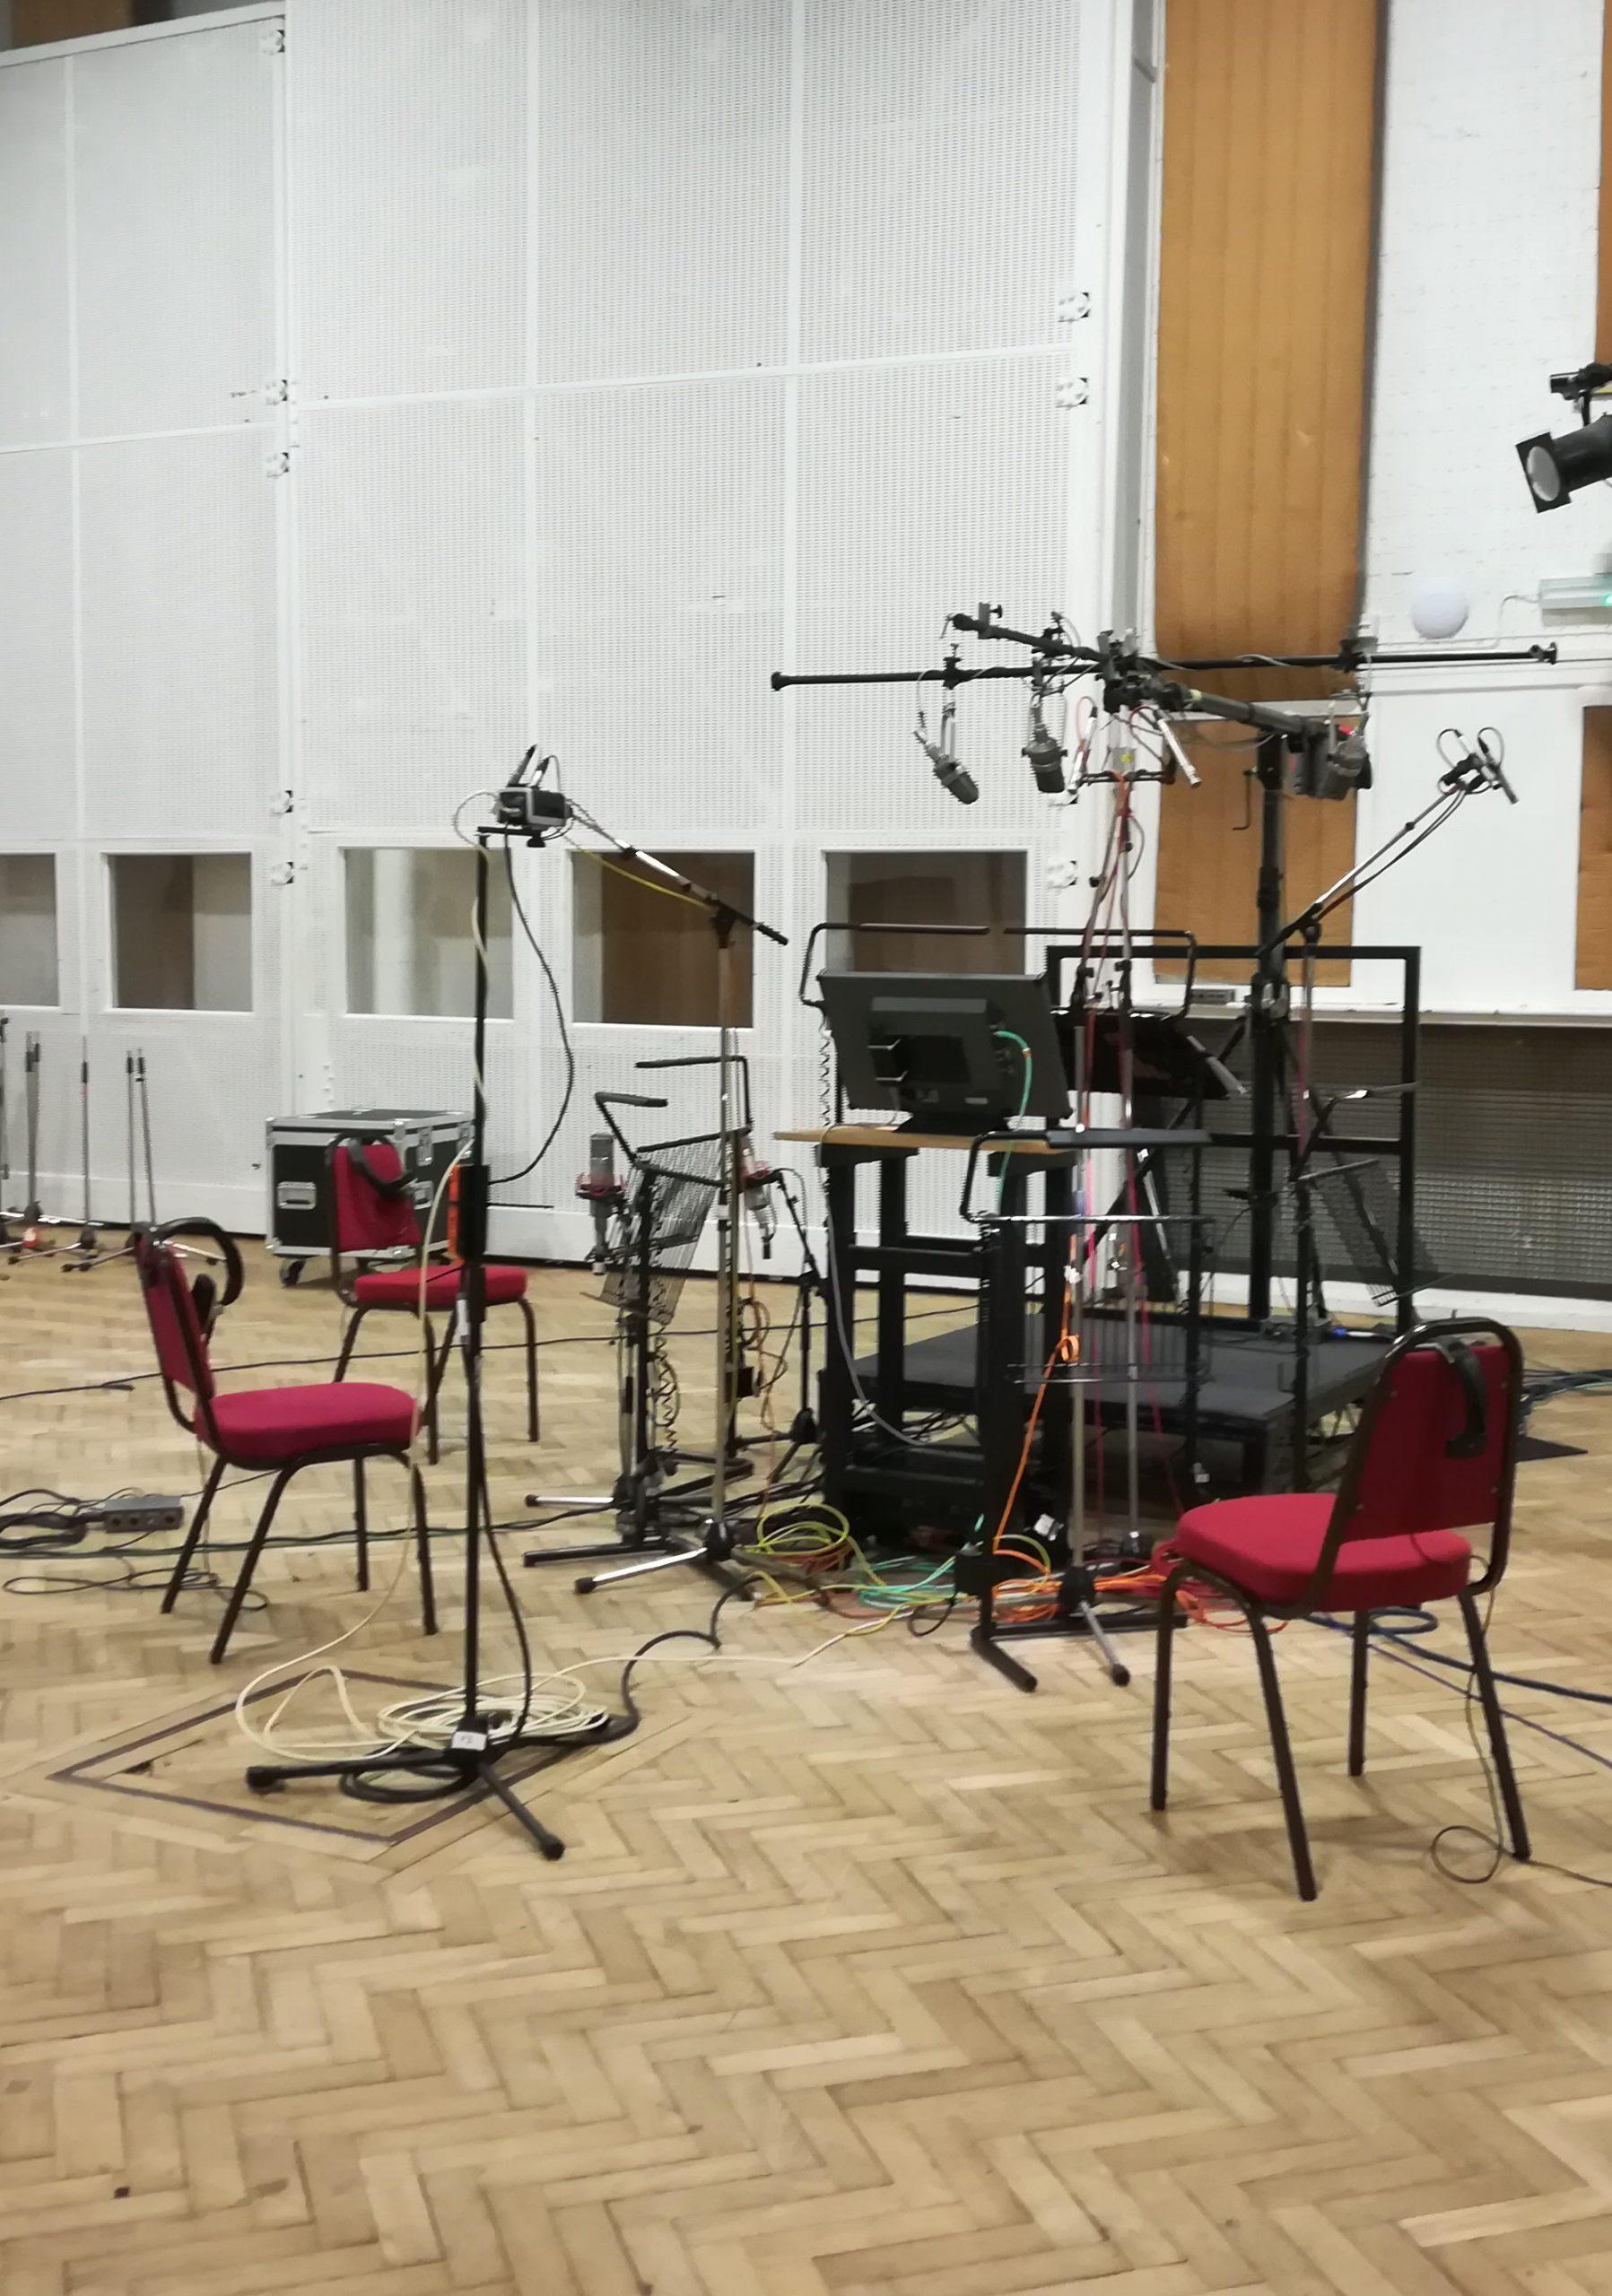 Lekcja pracy w studio. Sesja nagraniowa w Abbey Road